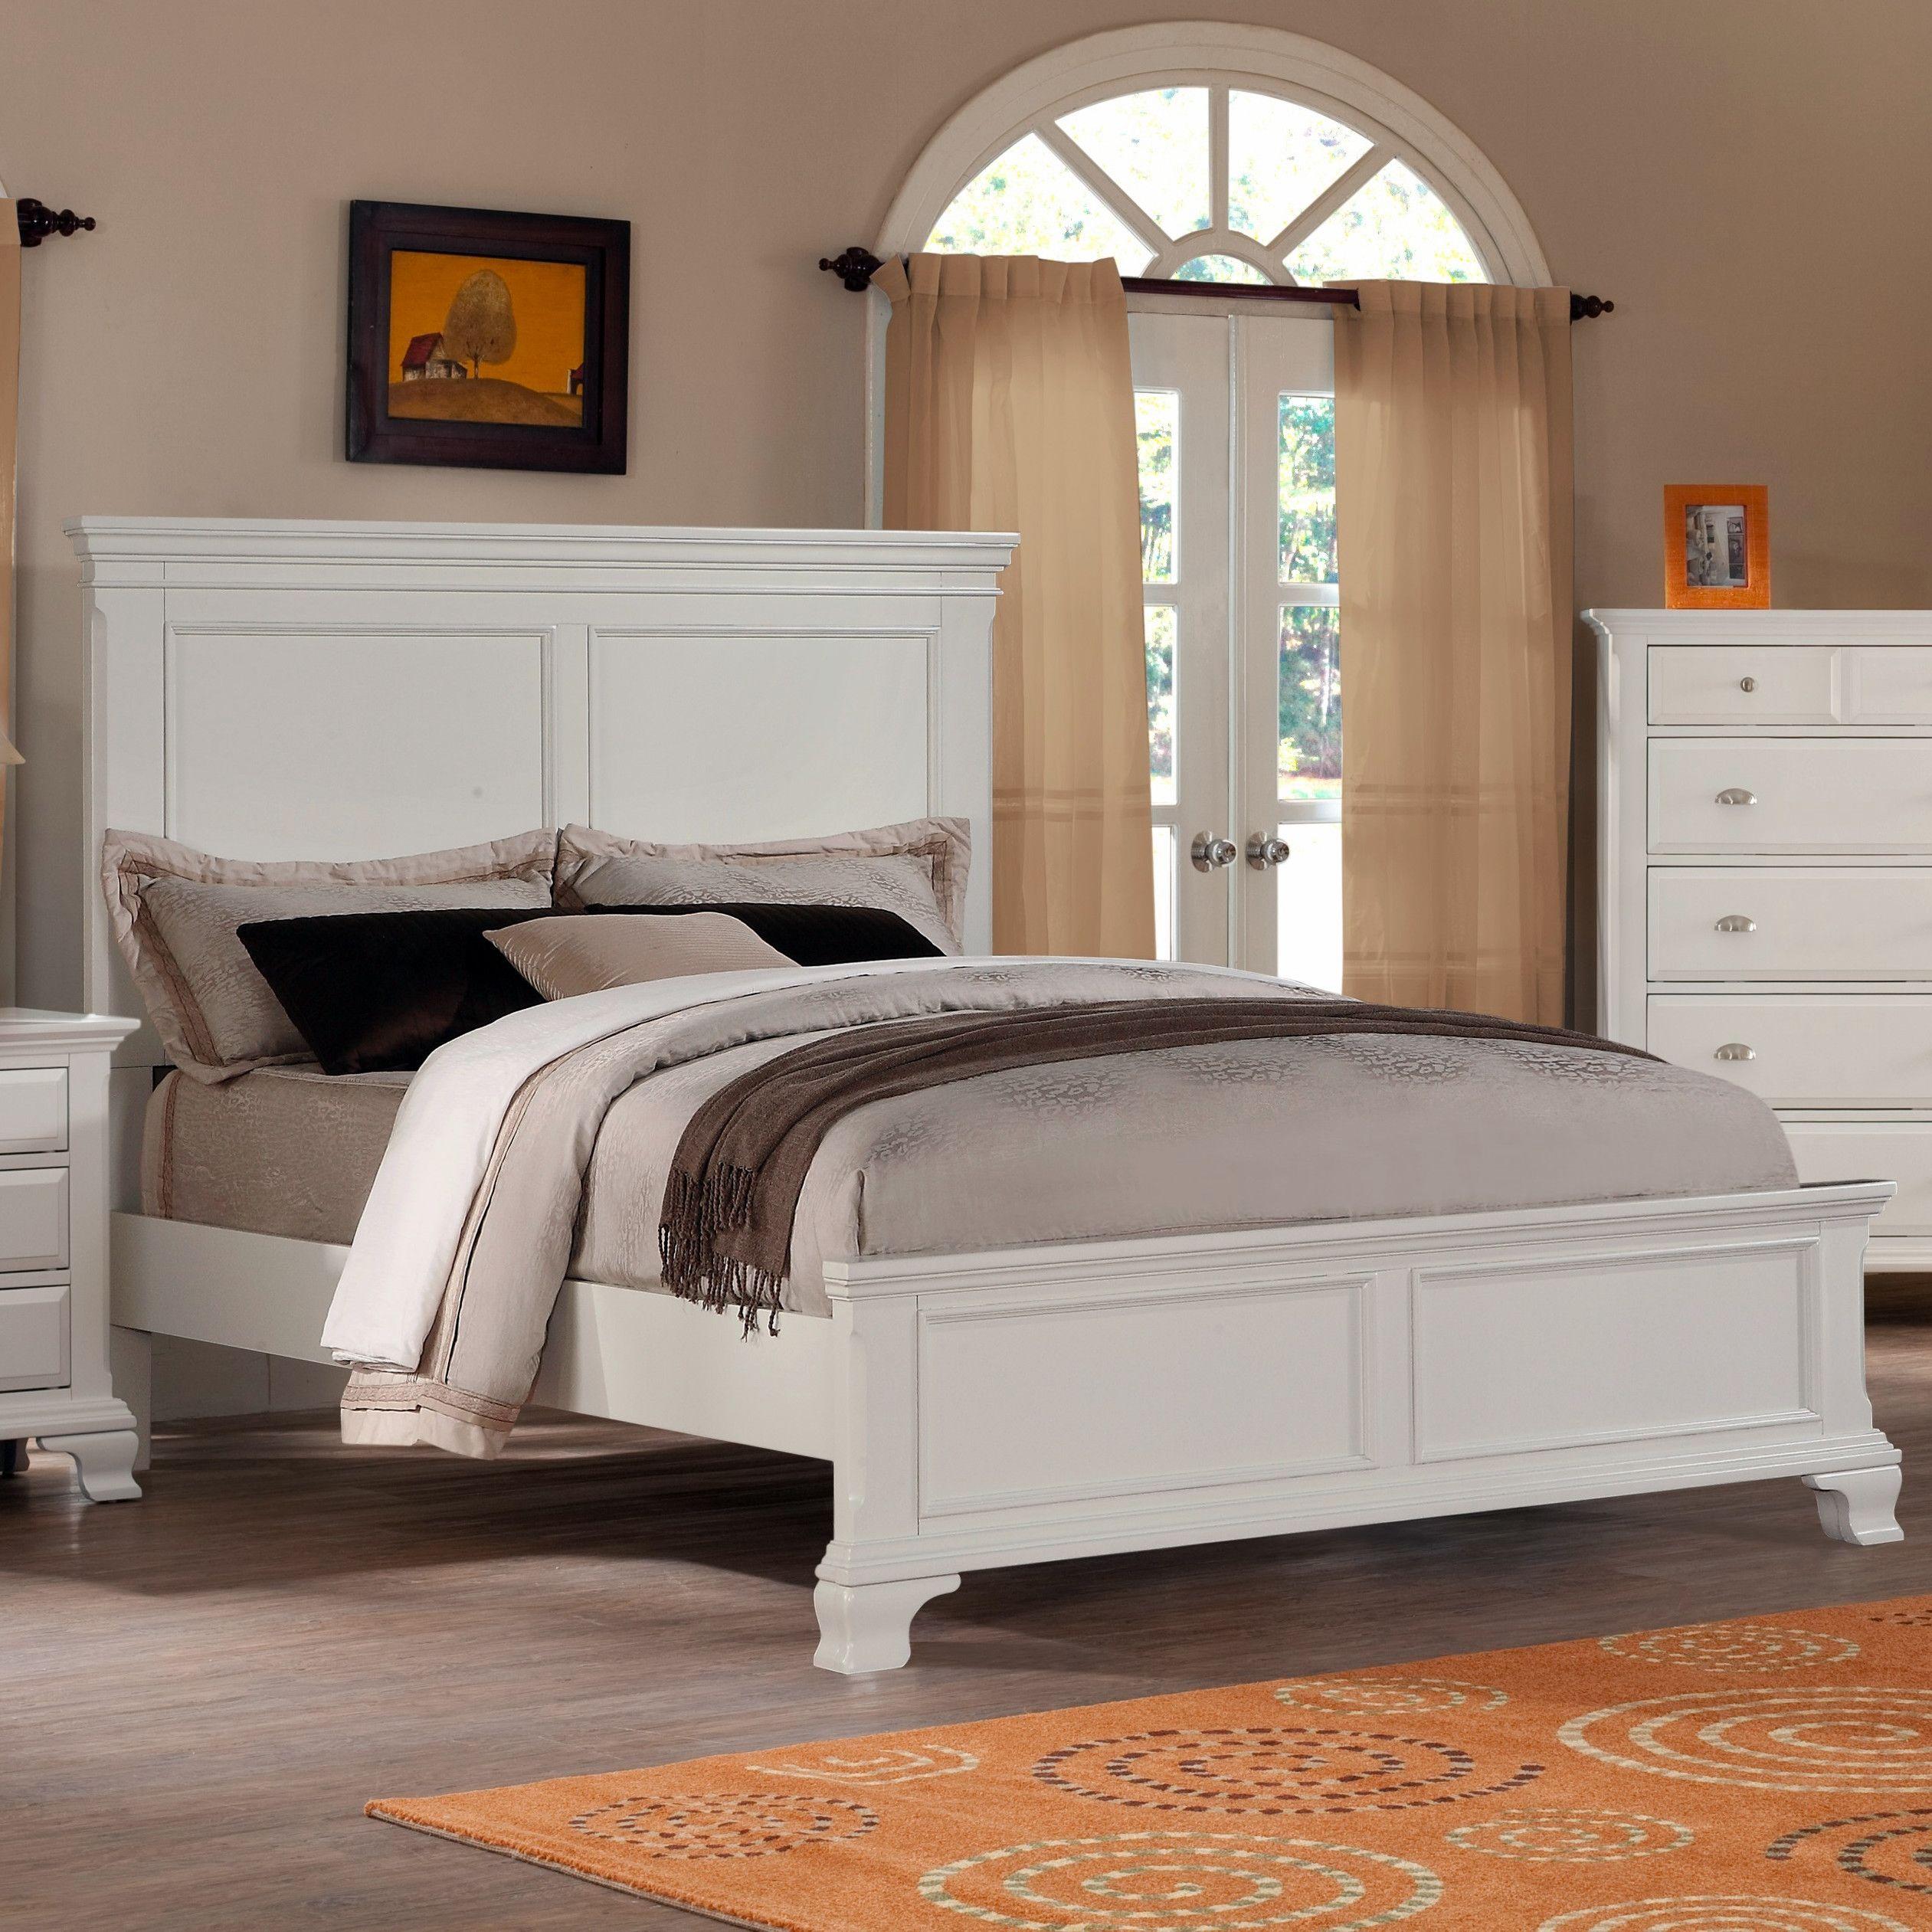 Master bedroom furniture sets  Roundhill Furniture Laveno Panel Bed  Bedroom  Pinterest  Beds